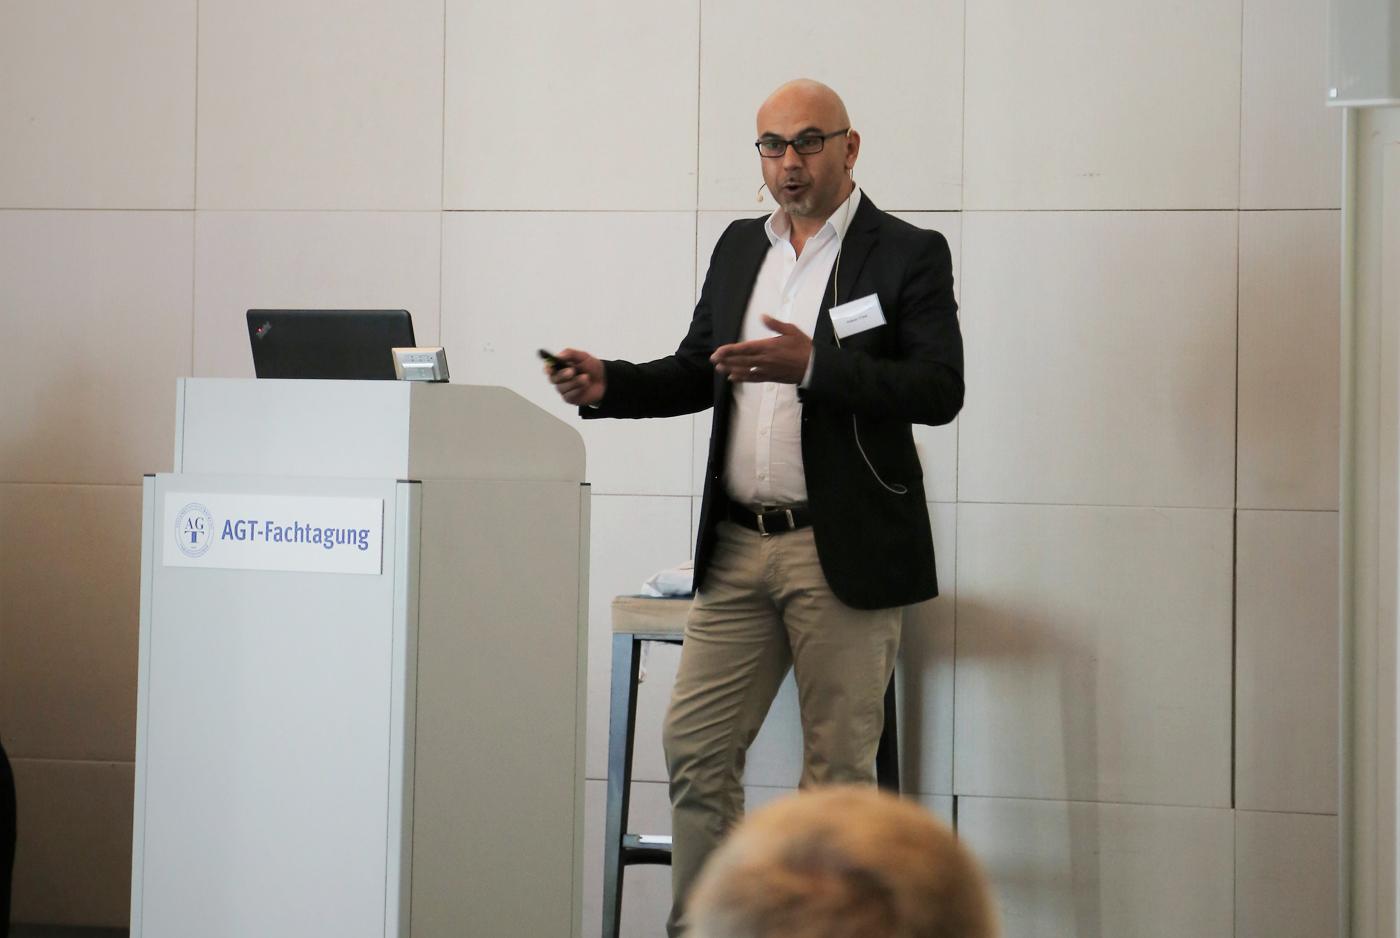 Vortragsredner Hakan Citak - Der ImmoCoach - Vortrag AGT-Fachtagung